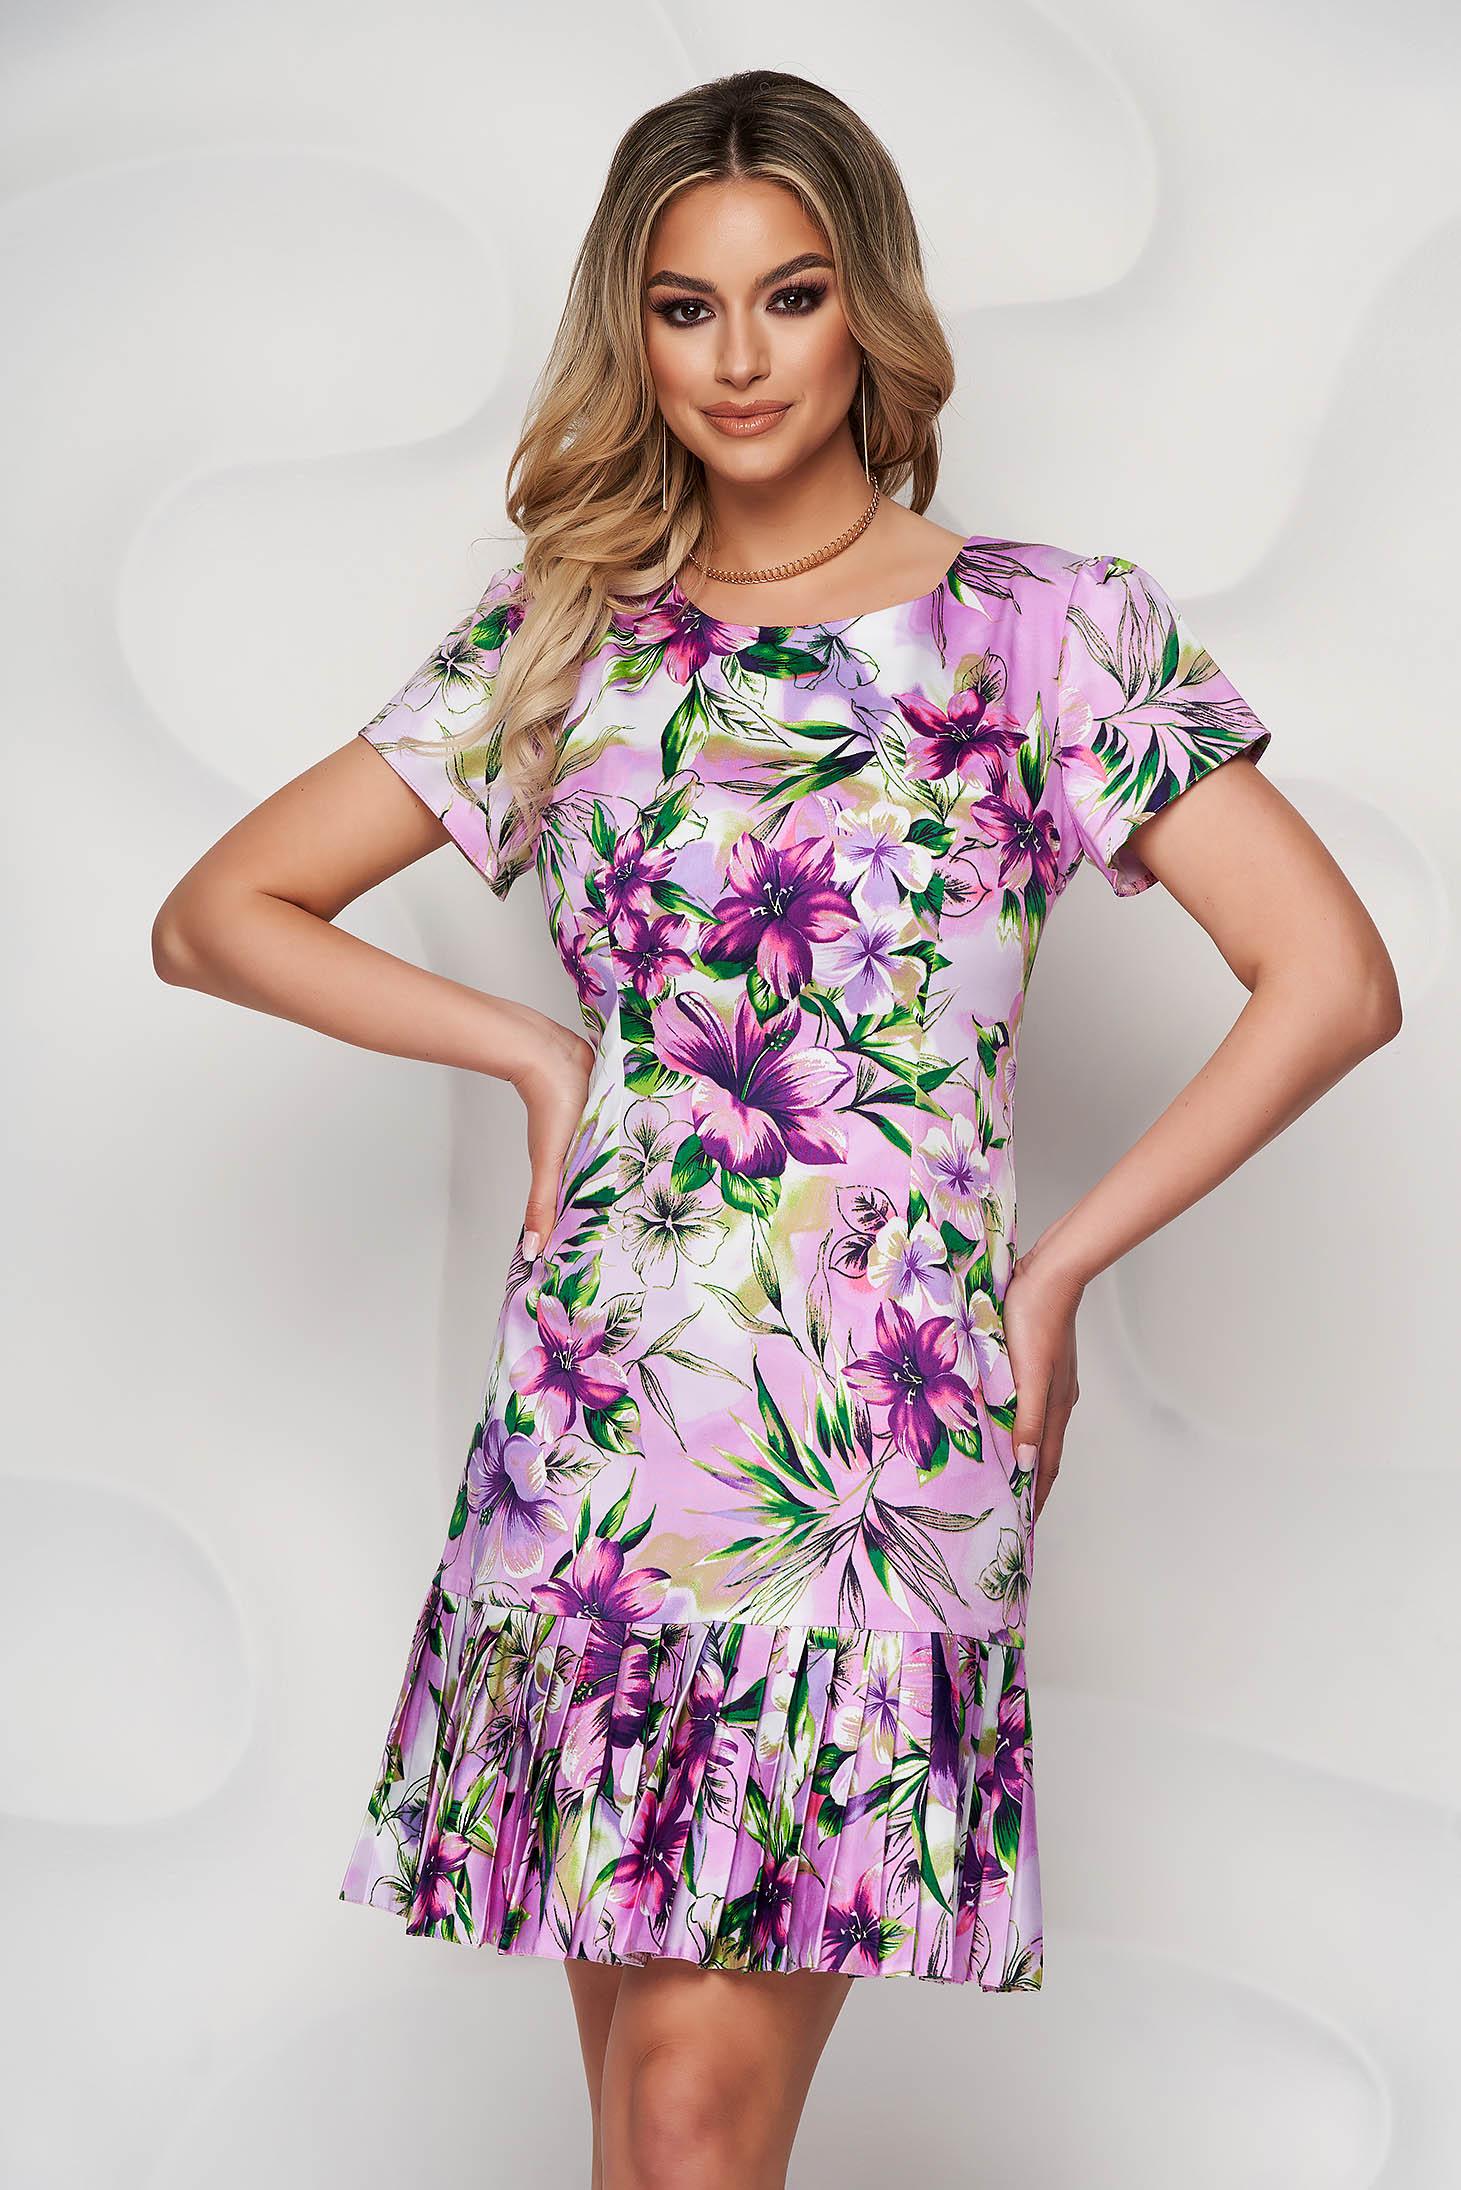 Lila midi virágmintás ruha kerekített dekoltázssal és rakott berakásokkal a ruha alján